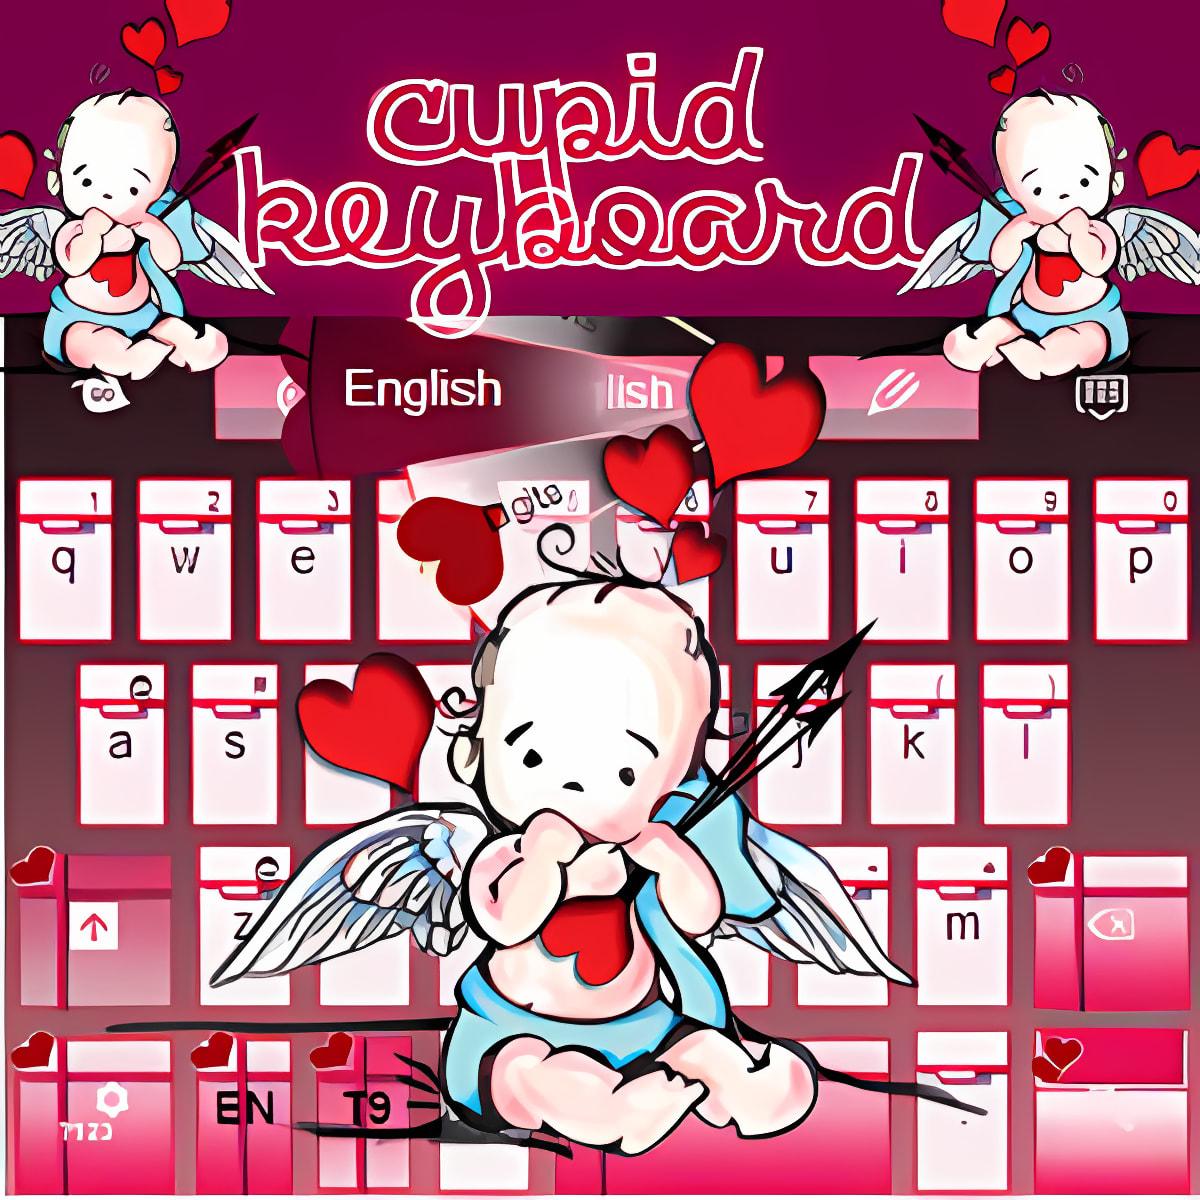 Cupido Keyboard